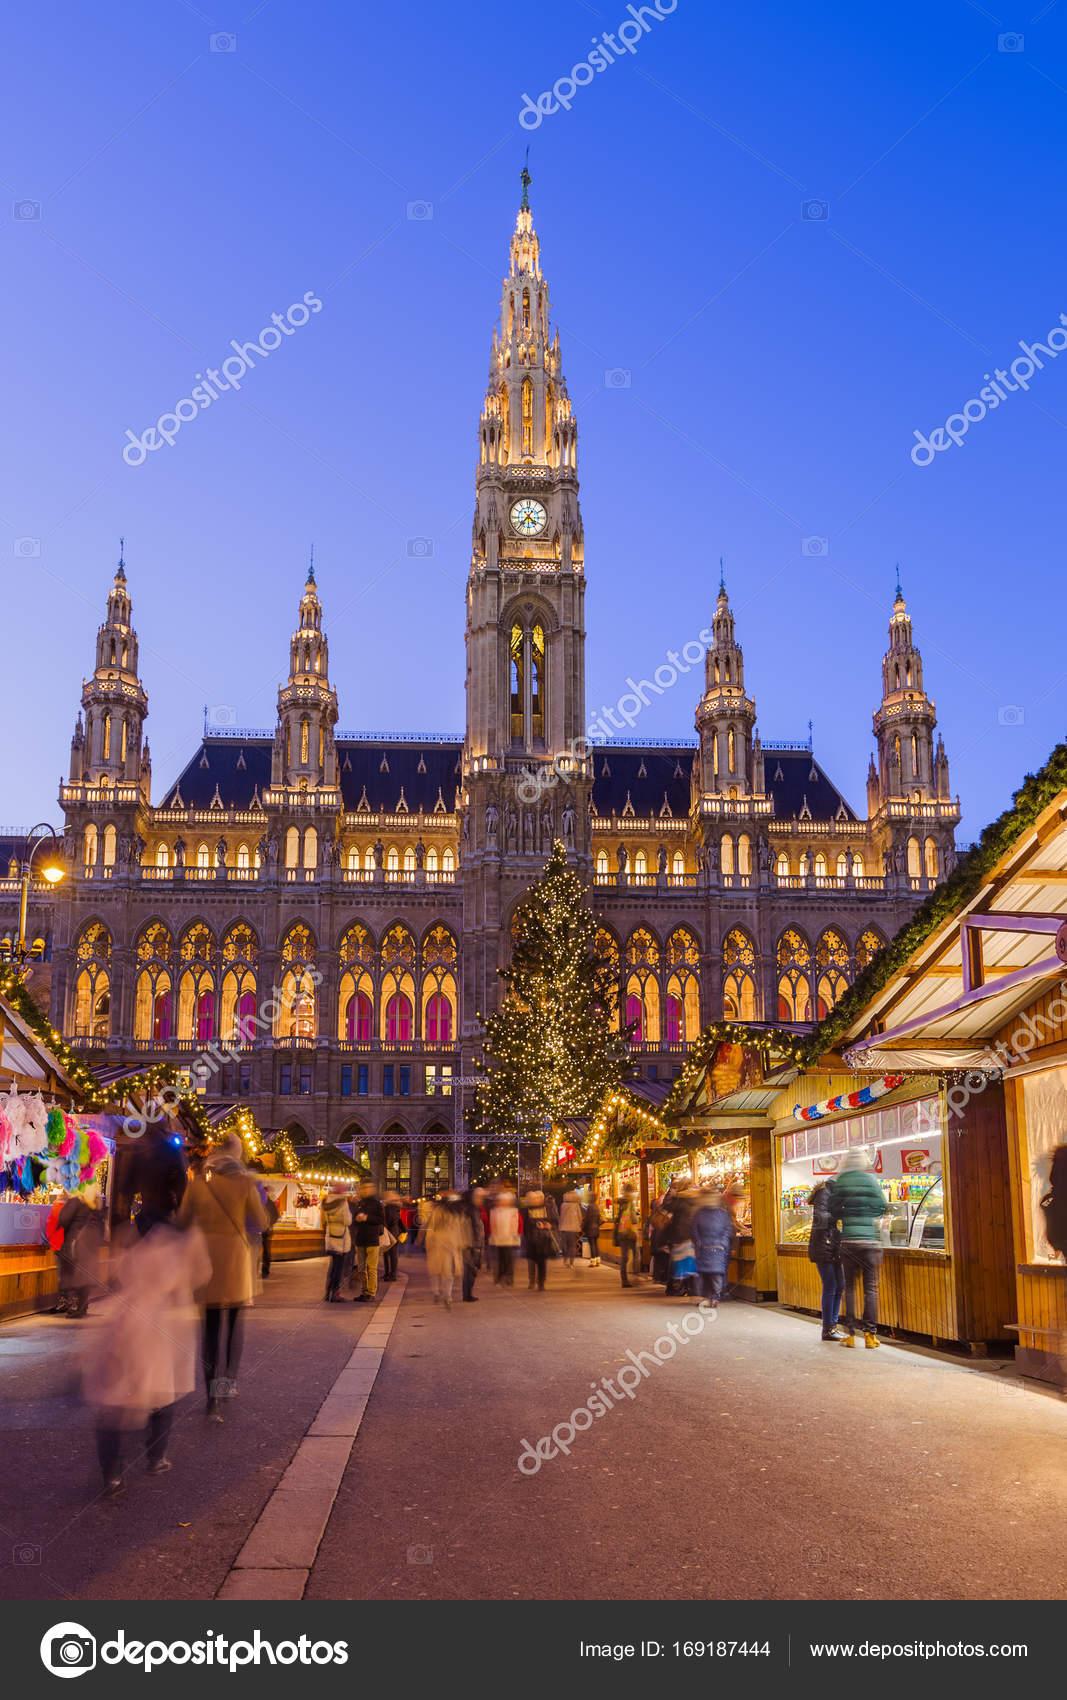 Kerstmarkt In De Buurt Van City Hall In Wenen Oostenrijk Stockfoto